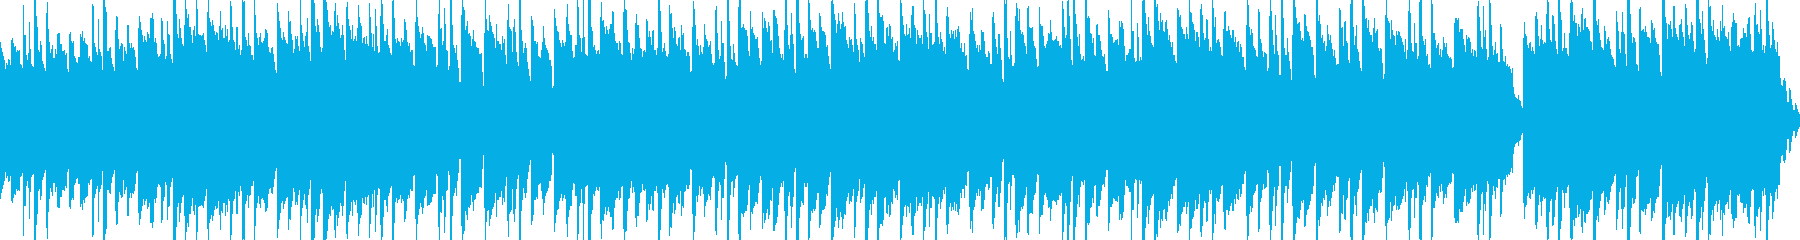 きよしこの夜(ピコピコ3音アレンジ)の再生済みの波形